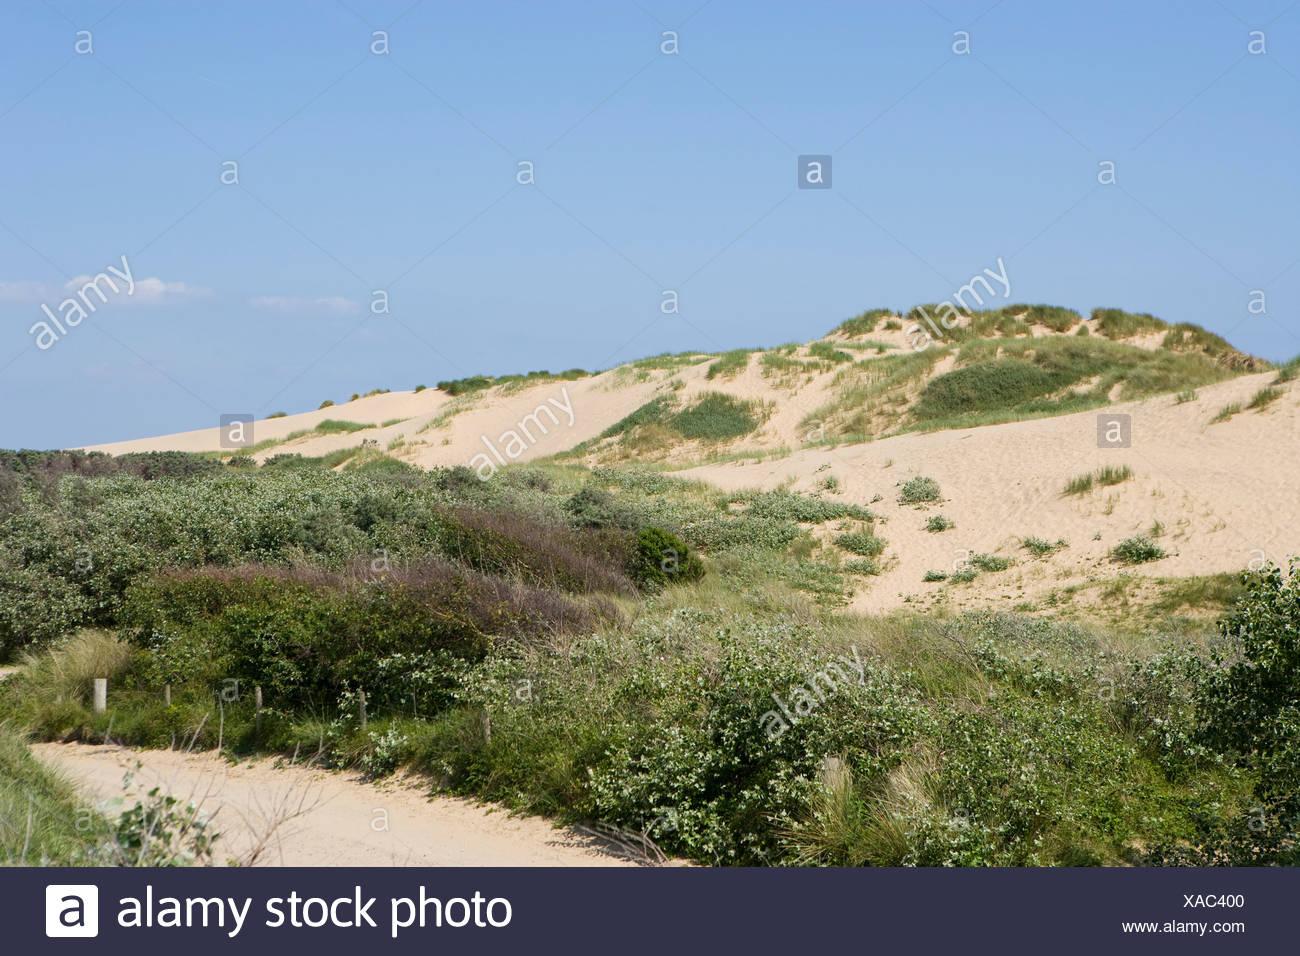 Large sand dunes at Formby, merseyside, UK - Stock Image